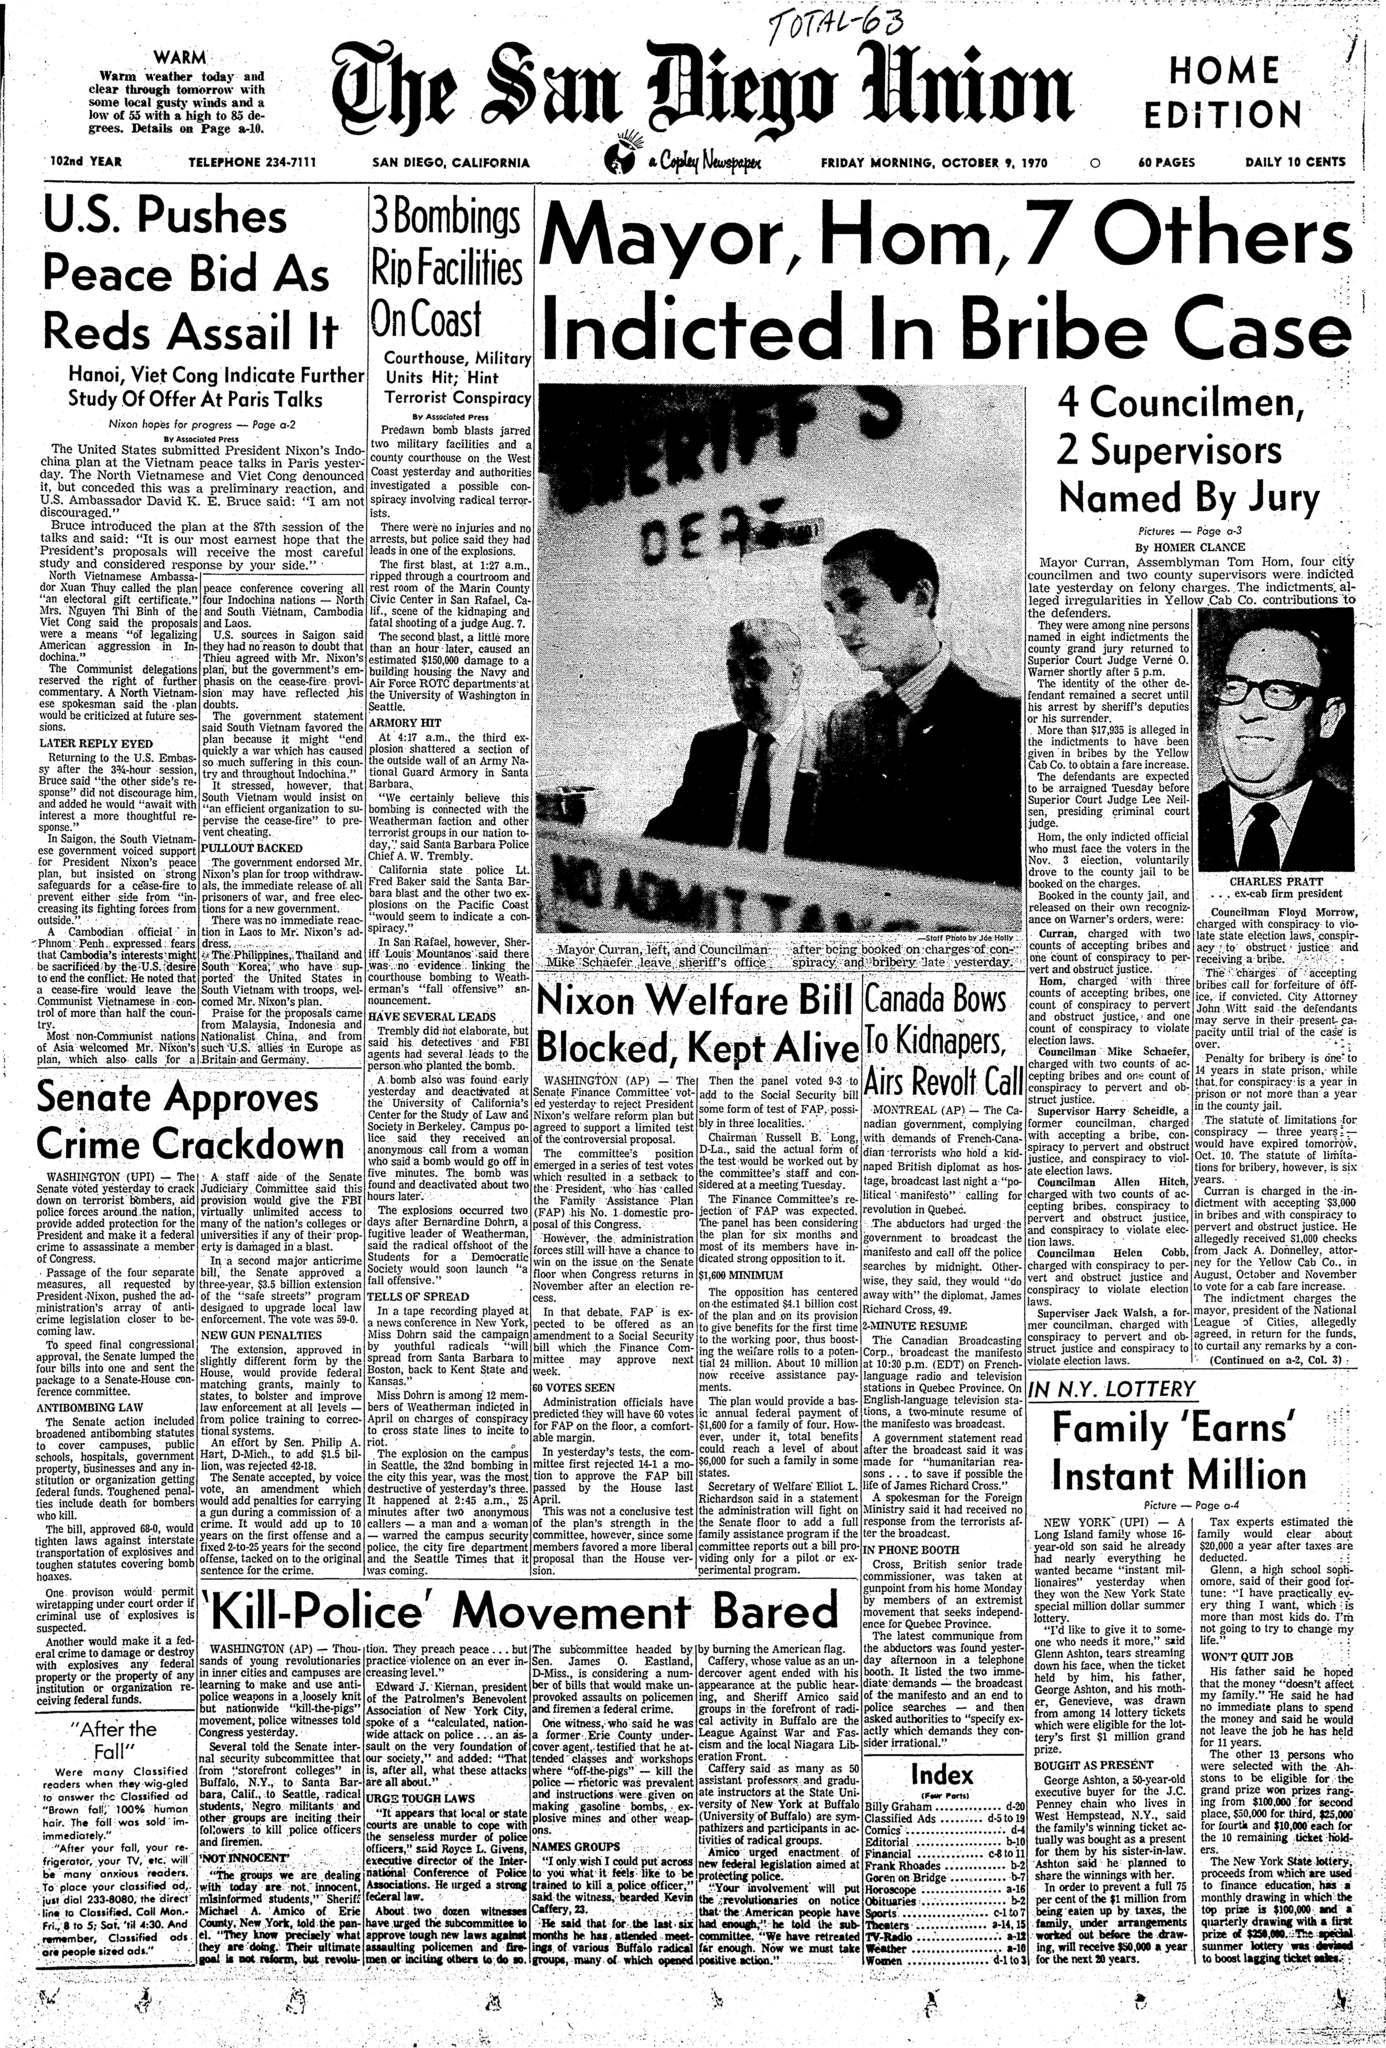 October 9, 1970